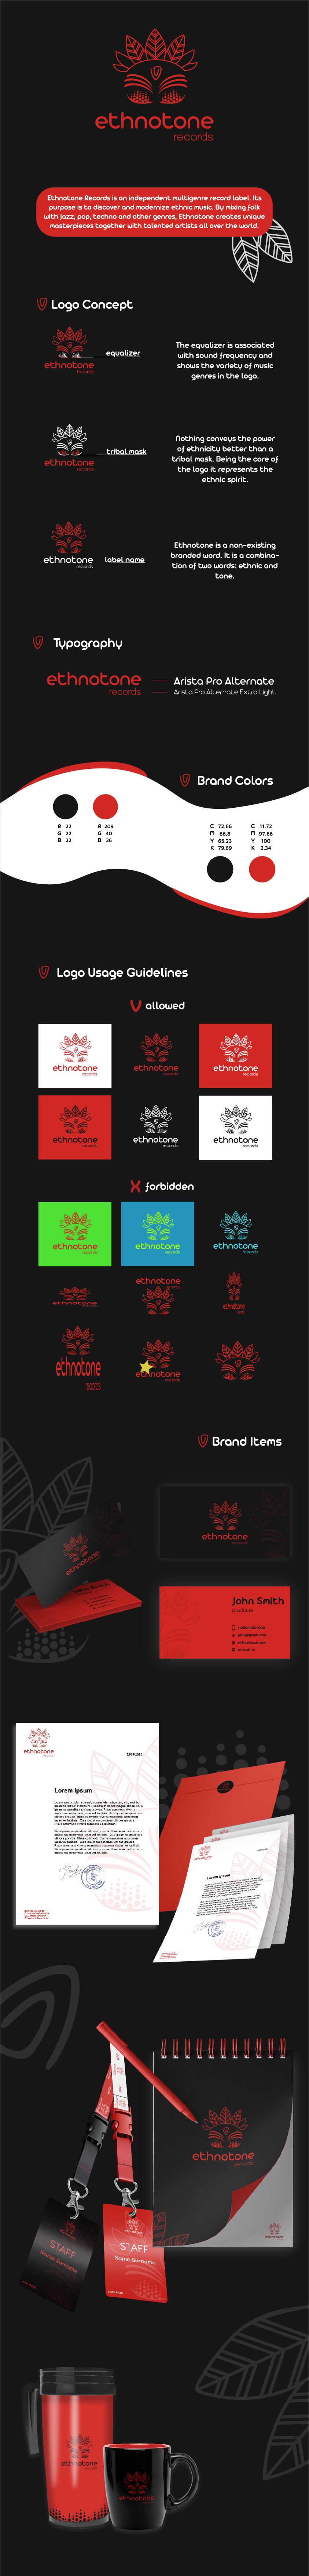 ethnotone brandbook-01 Marianna Ghazanchyan